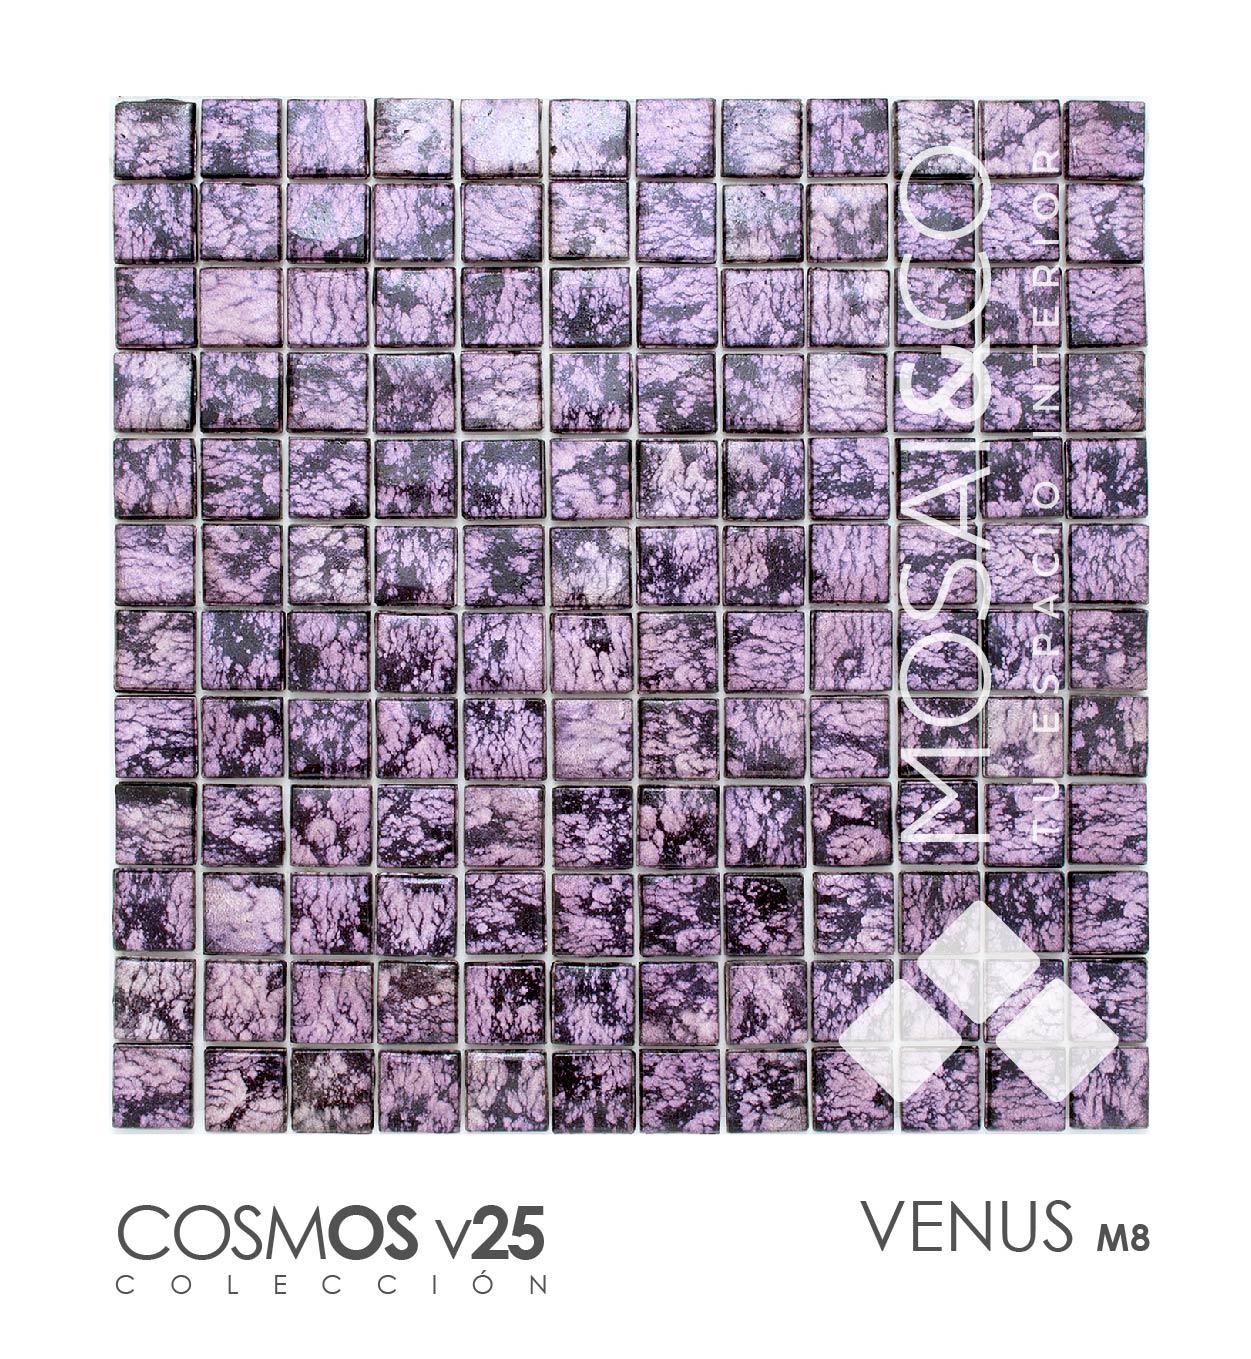 mosaico-decoracion-interiores-mosaiandco-coleccion-cosmos_venus-m8